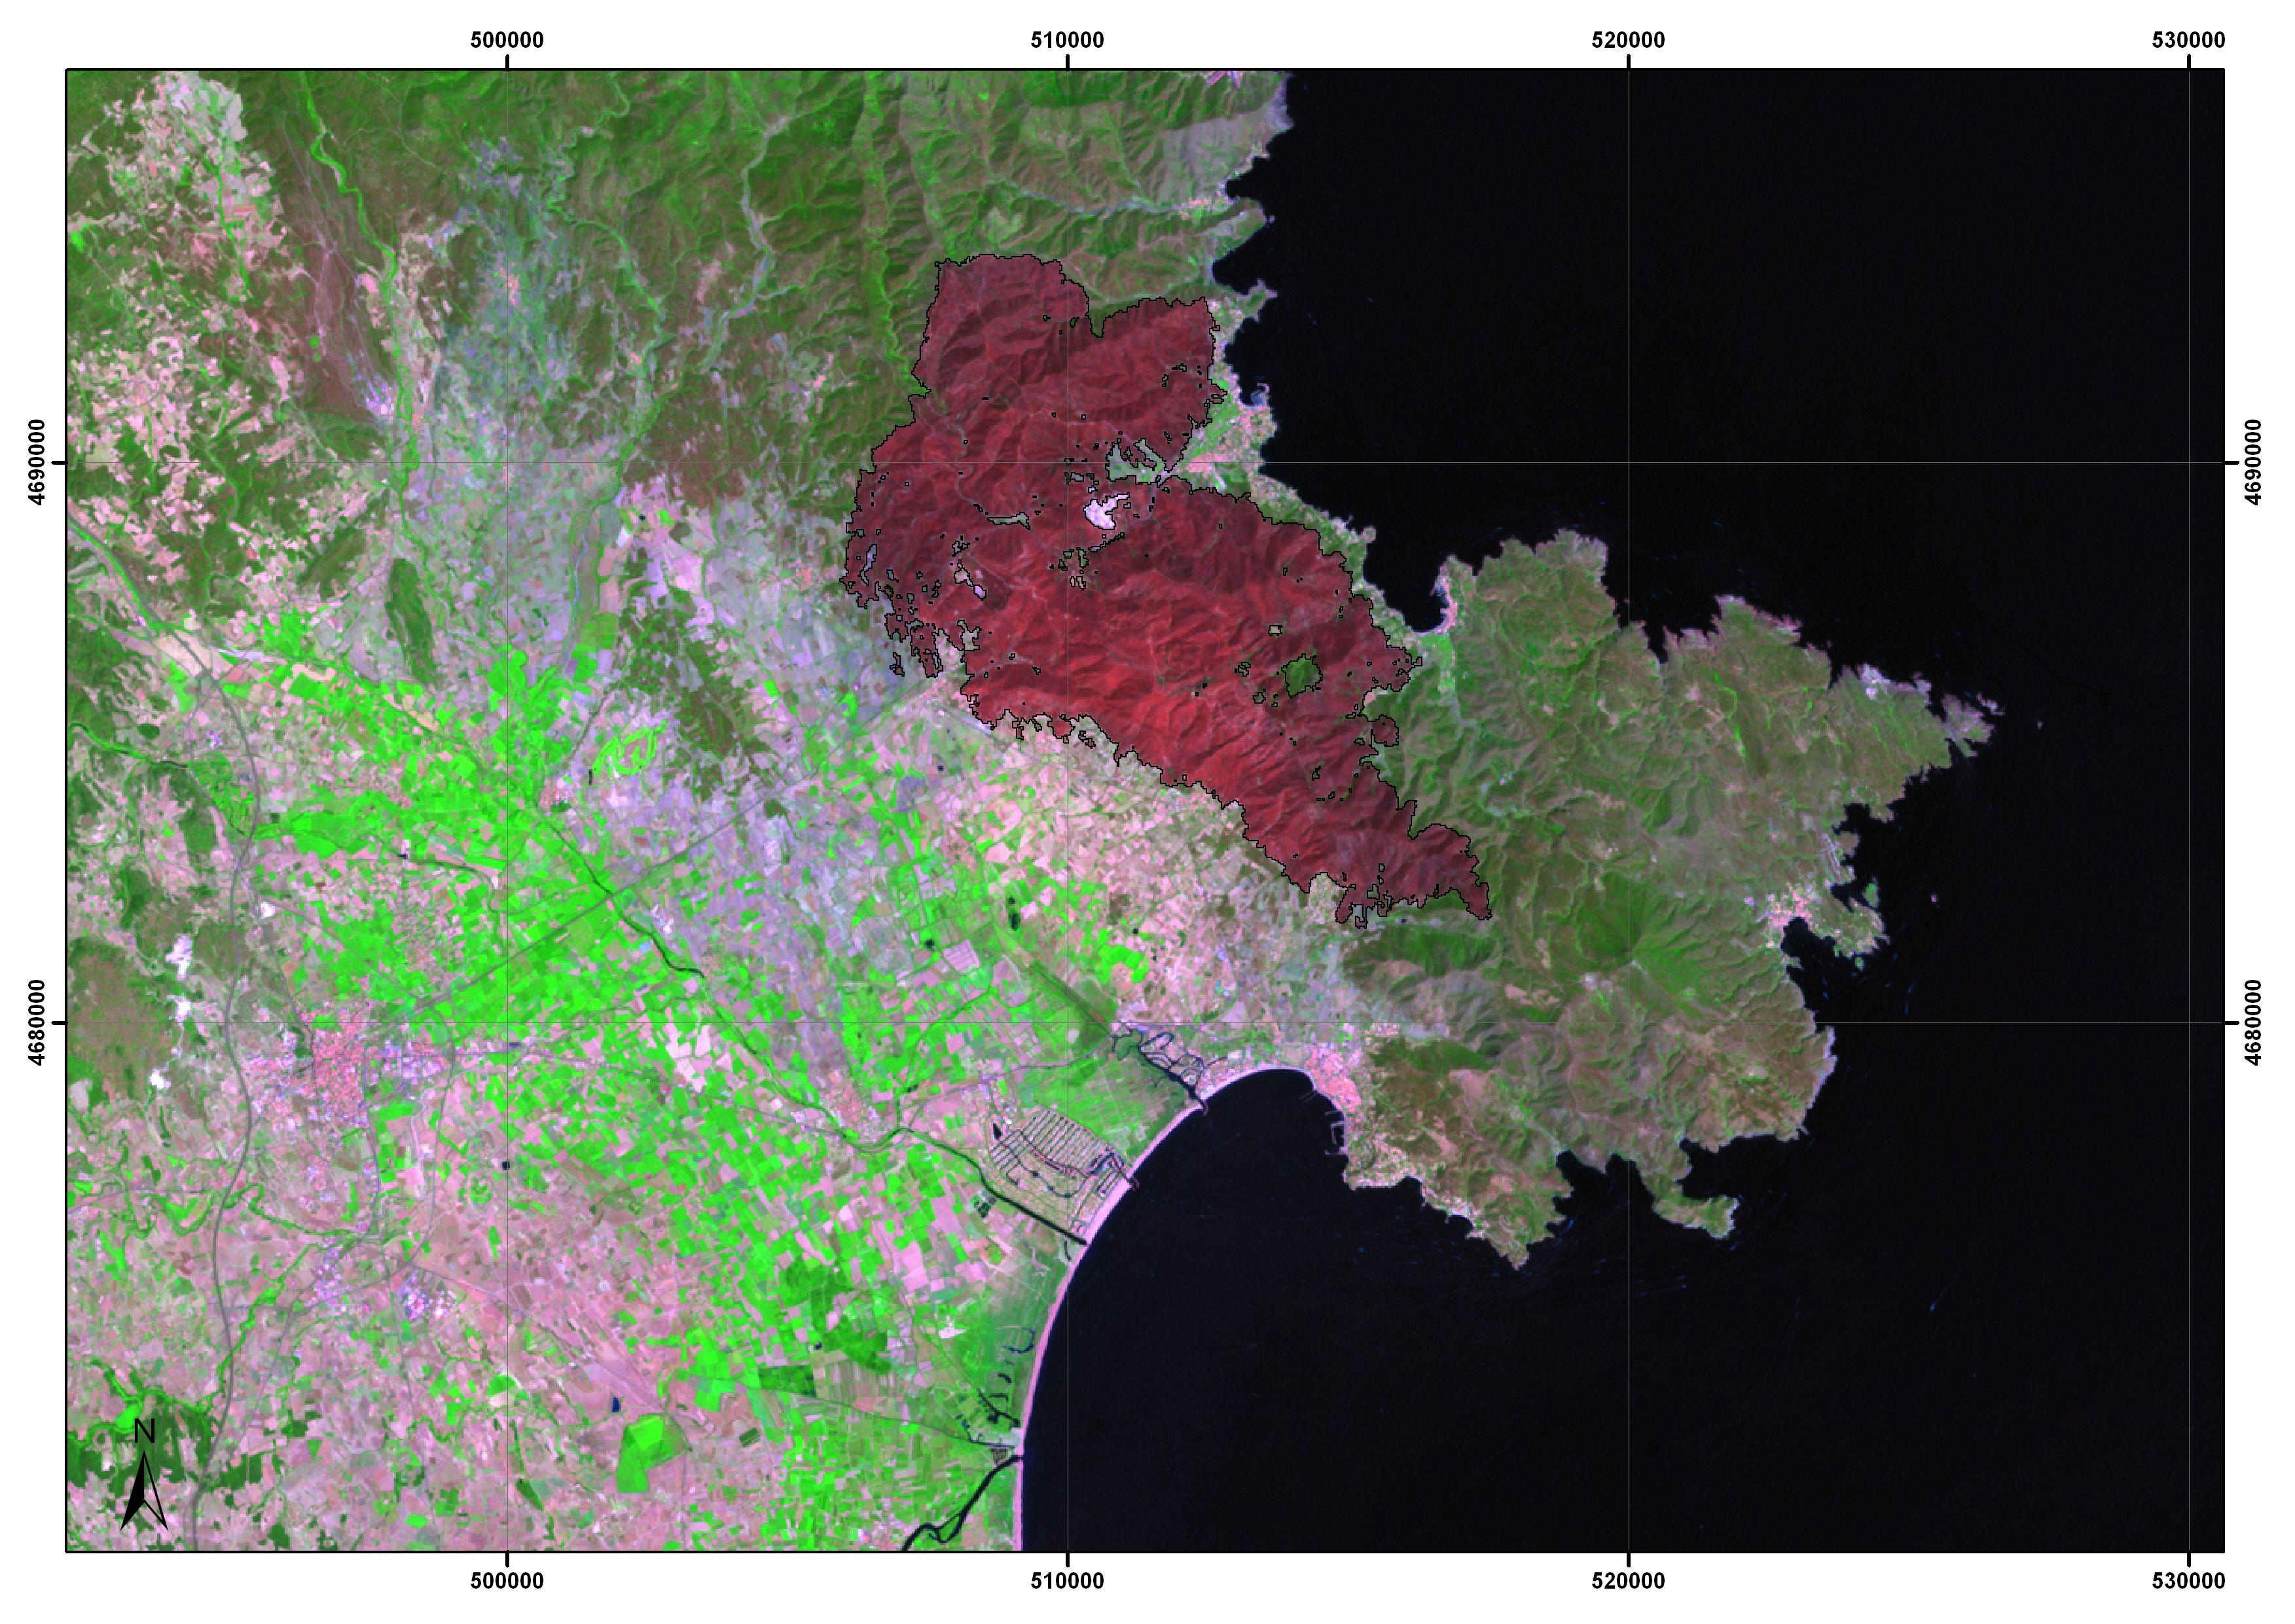 Cartografiando automáticamente áreas quemadas a nivel global